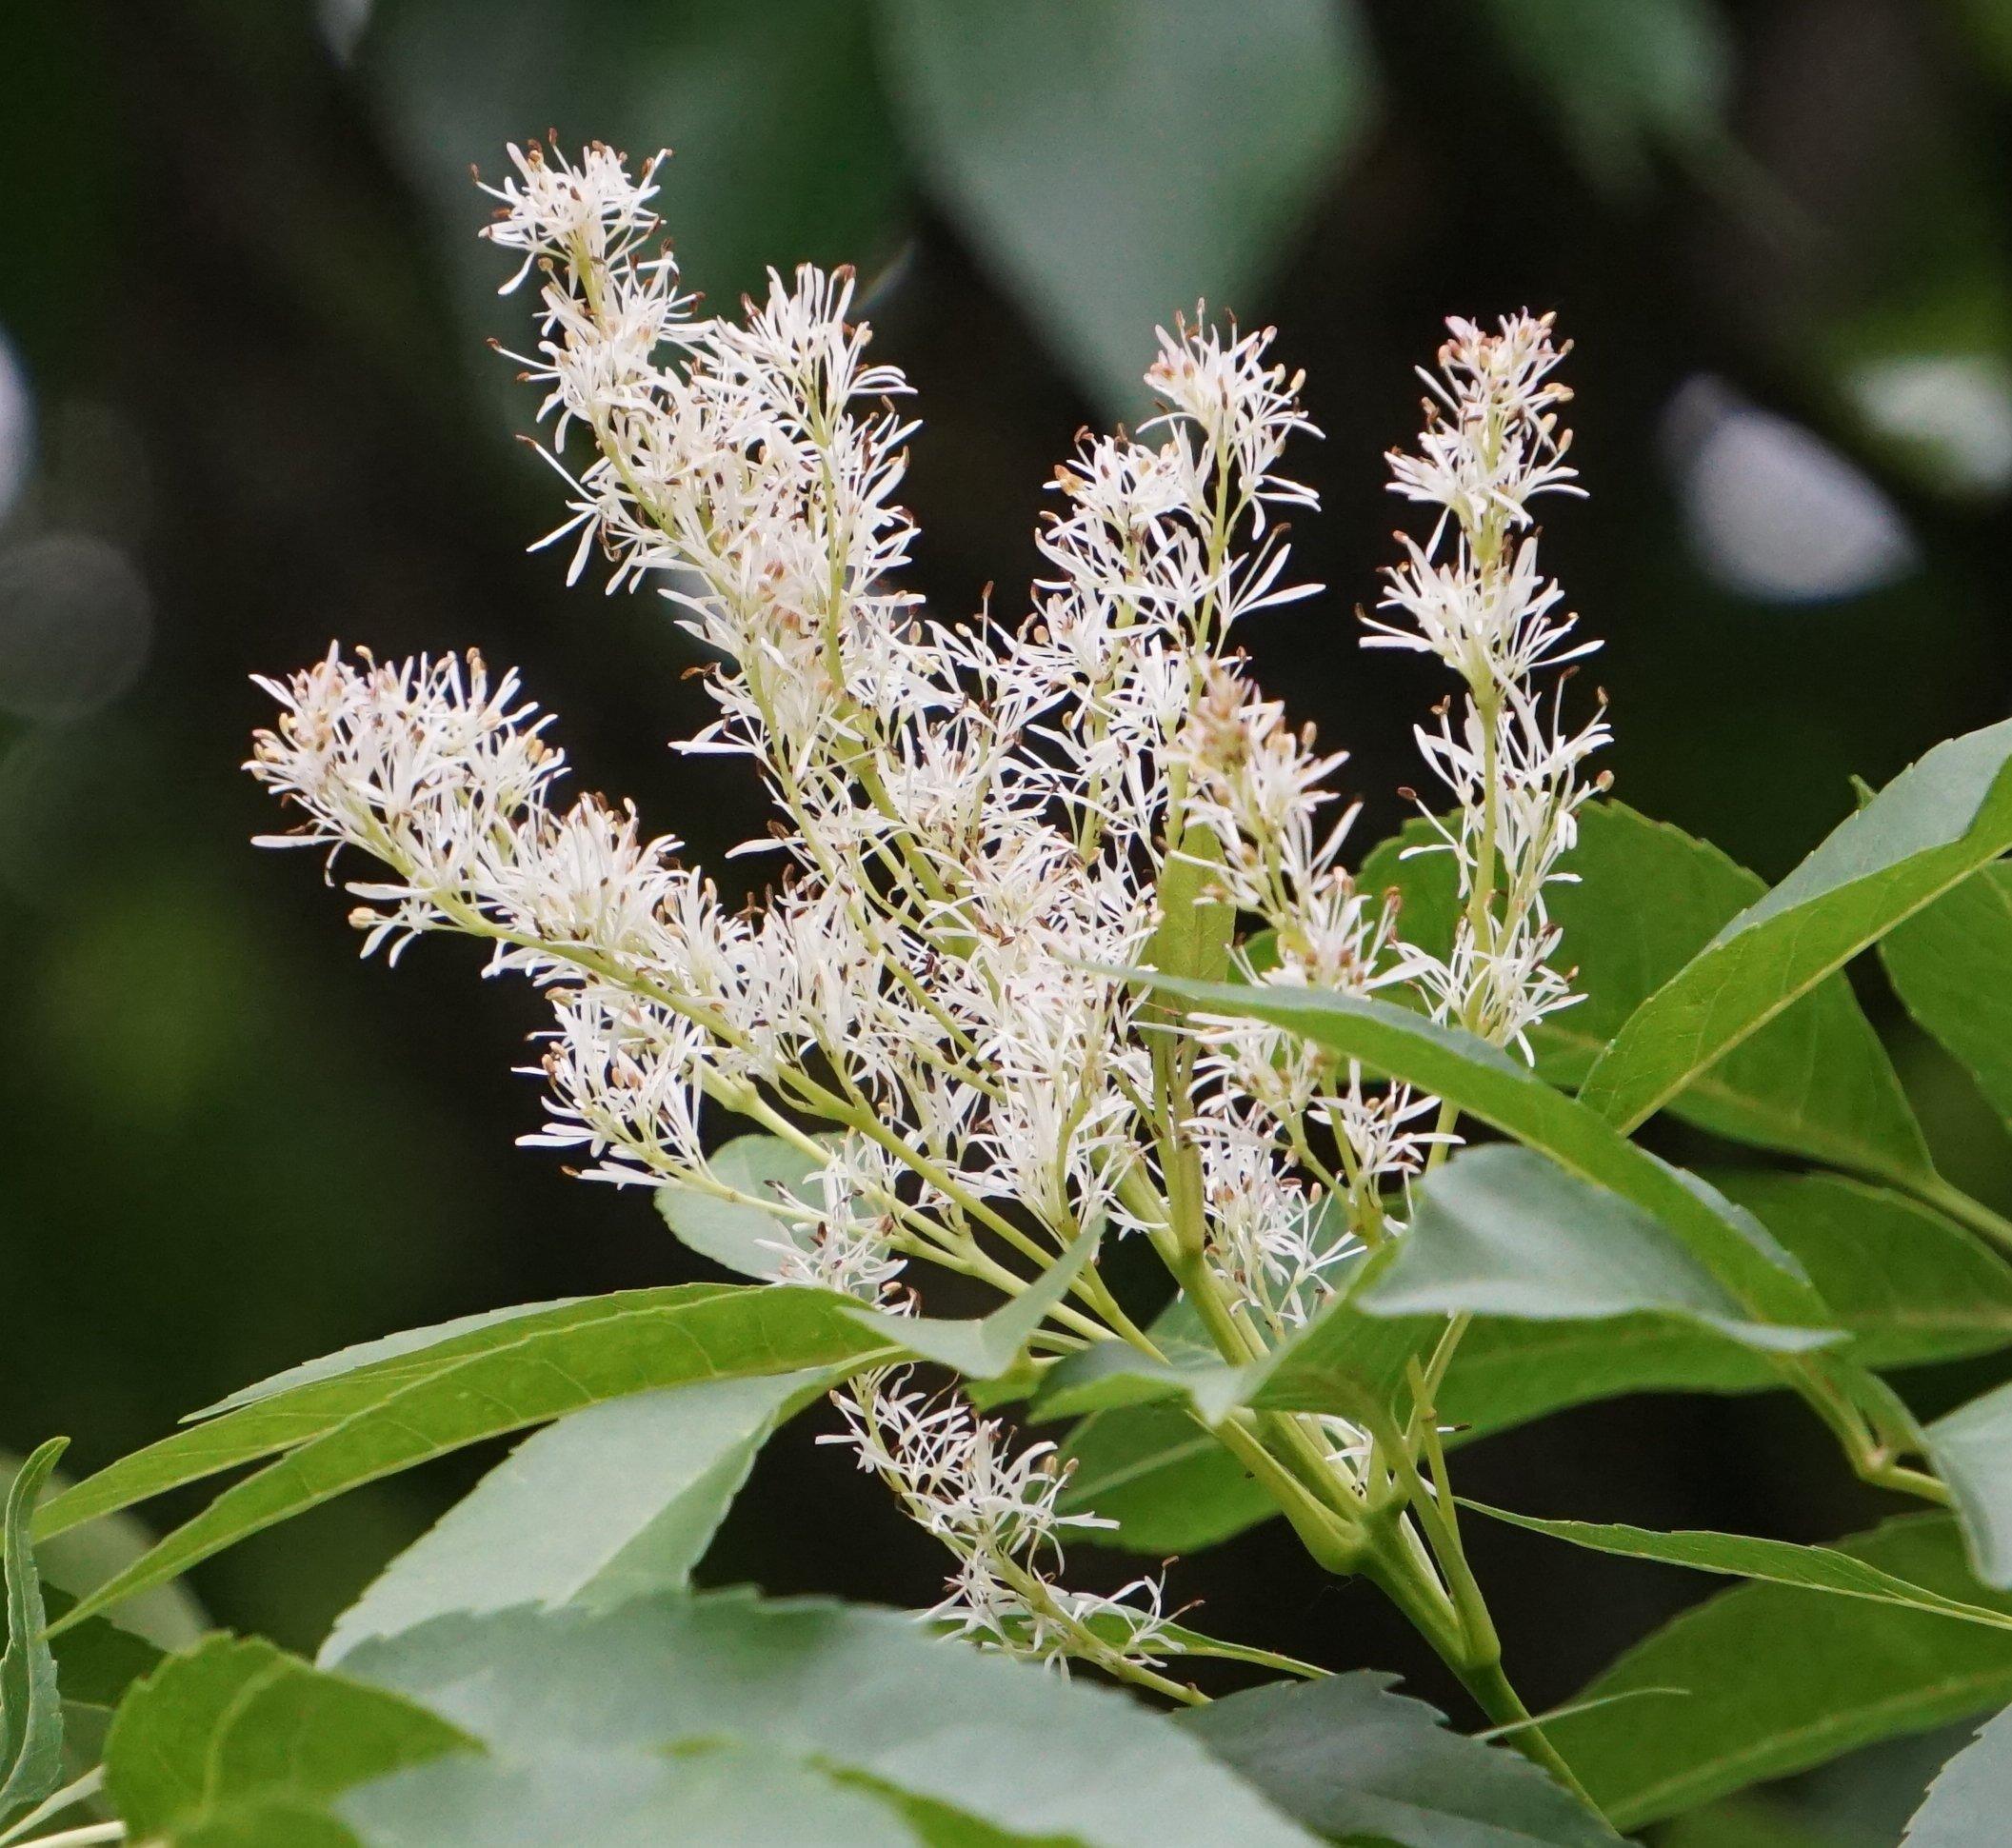 Das Bild zeigt die Blütenrispe einer Blumen-Esche. Auffällig sind die langen, schmalen weißen Kronblätter der zahlreich und dicht stehenden Einzelblüten, was an Blumensträuße erinnert. Zu sehen sind hier auch die Staubblätter. Hier an einem Baum an der Schönefelder Chaussee zur Nachblüte im Juni 2021.